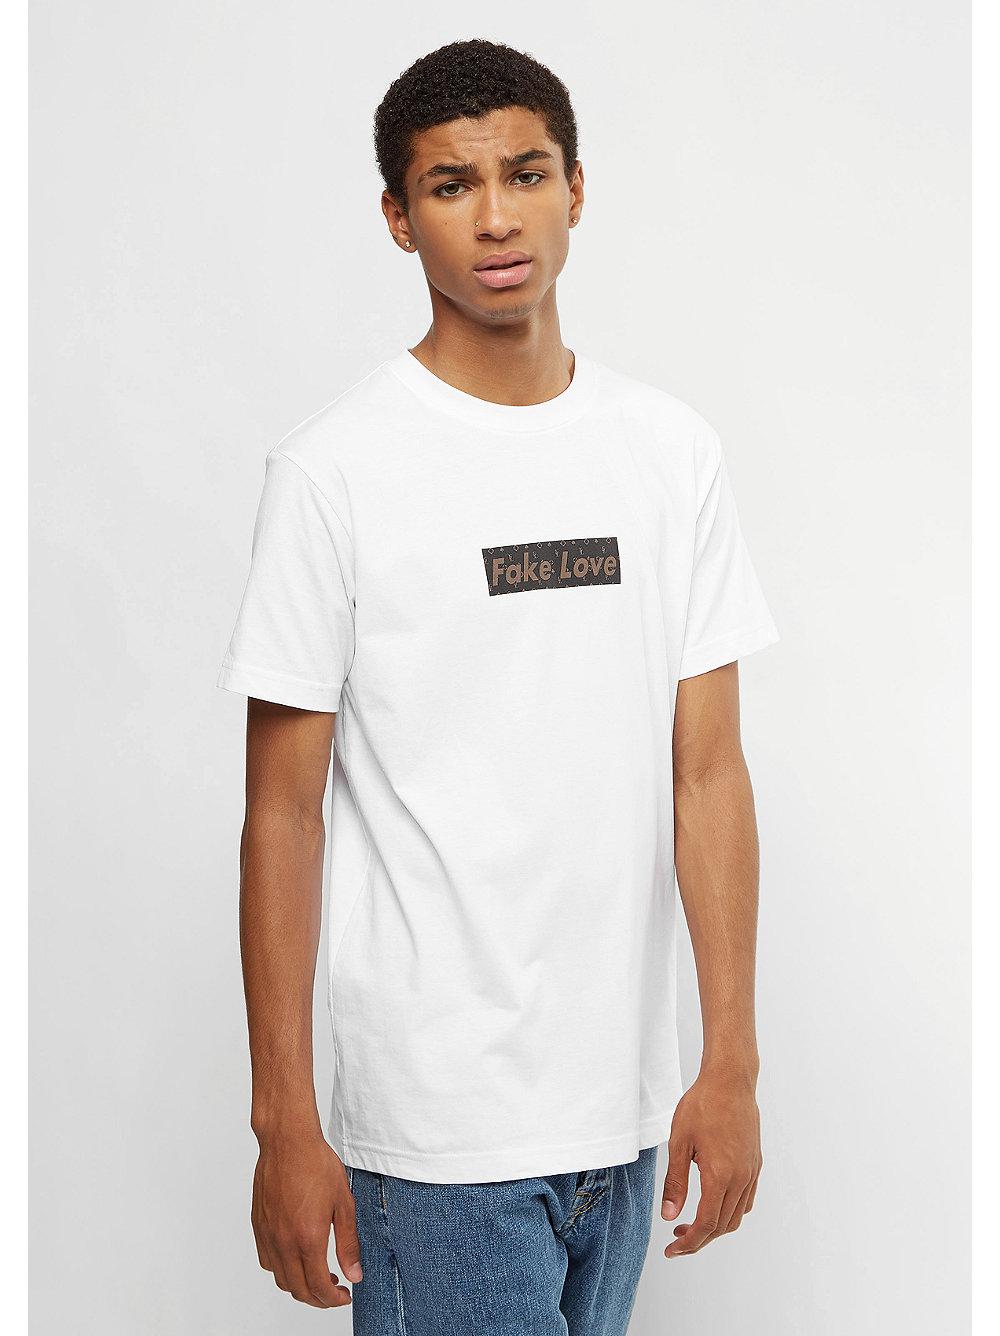 fake love t shirt white von mister tee bei snipes kaufen. Black Bedroom Furniture Sets. Home Design Ideas